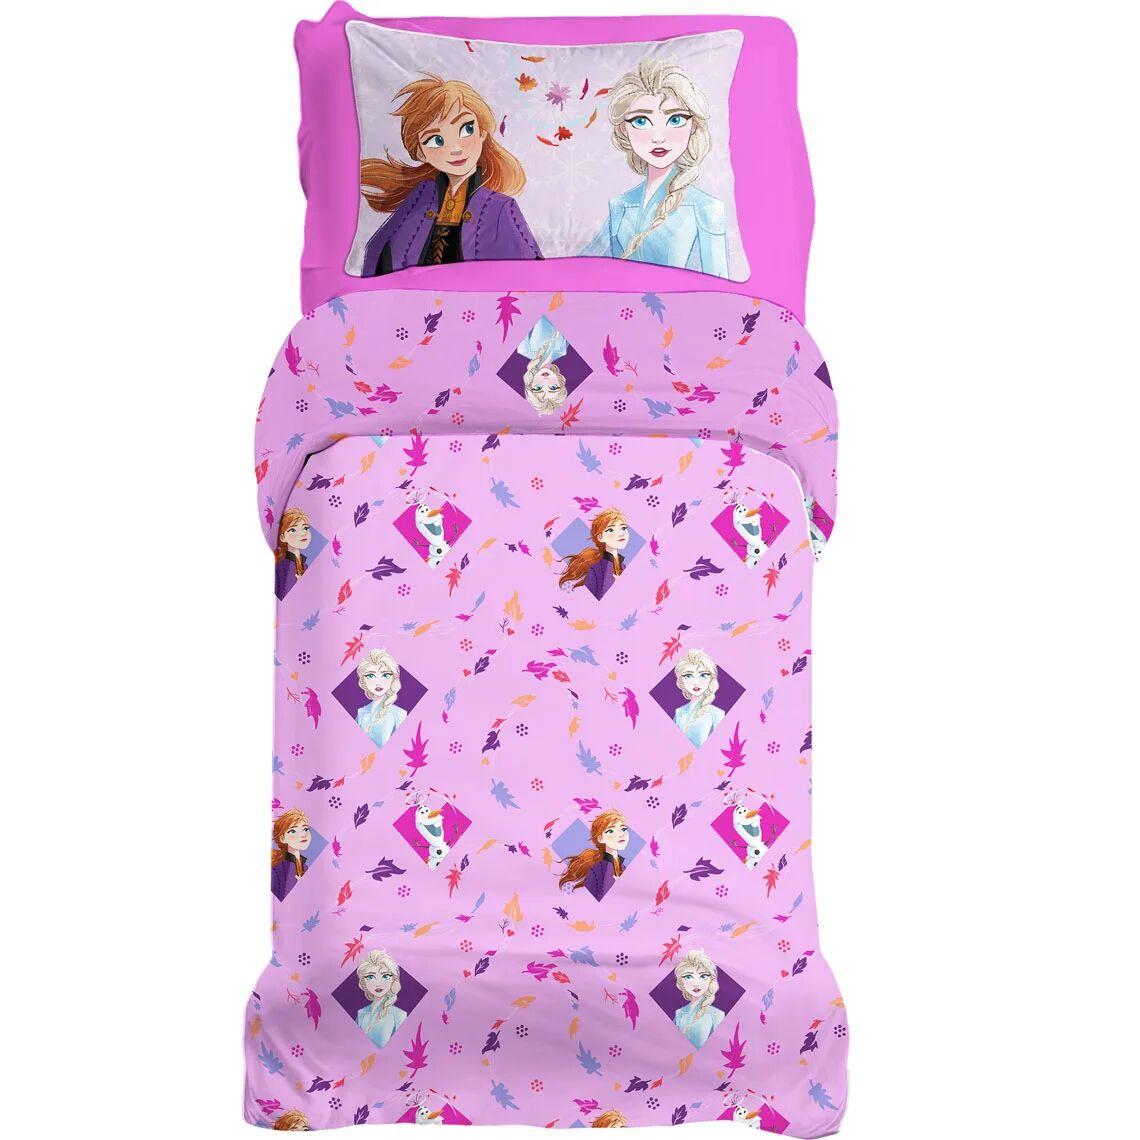 cameretta completo lenzuola frozen 2 letto singolo, multicolore